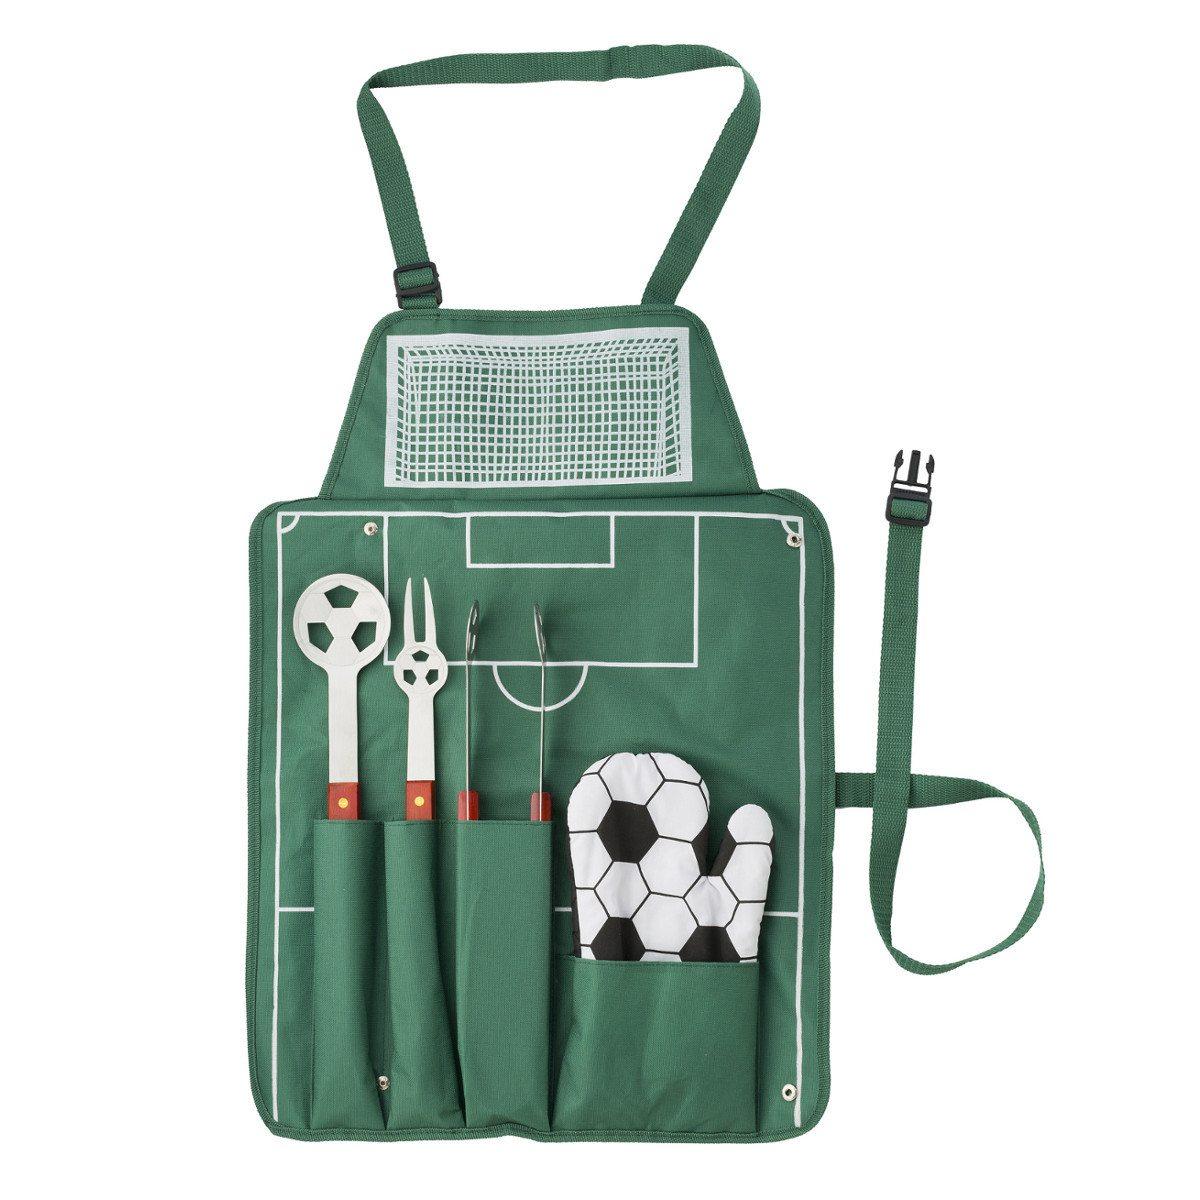 Fodbold - grillsæt